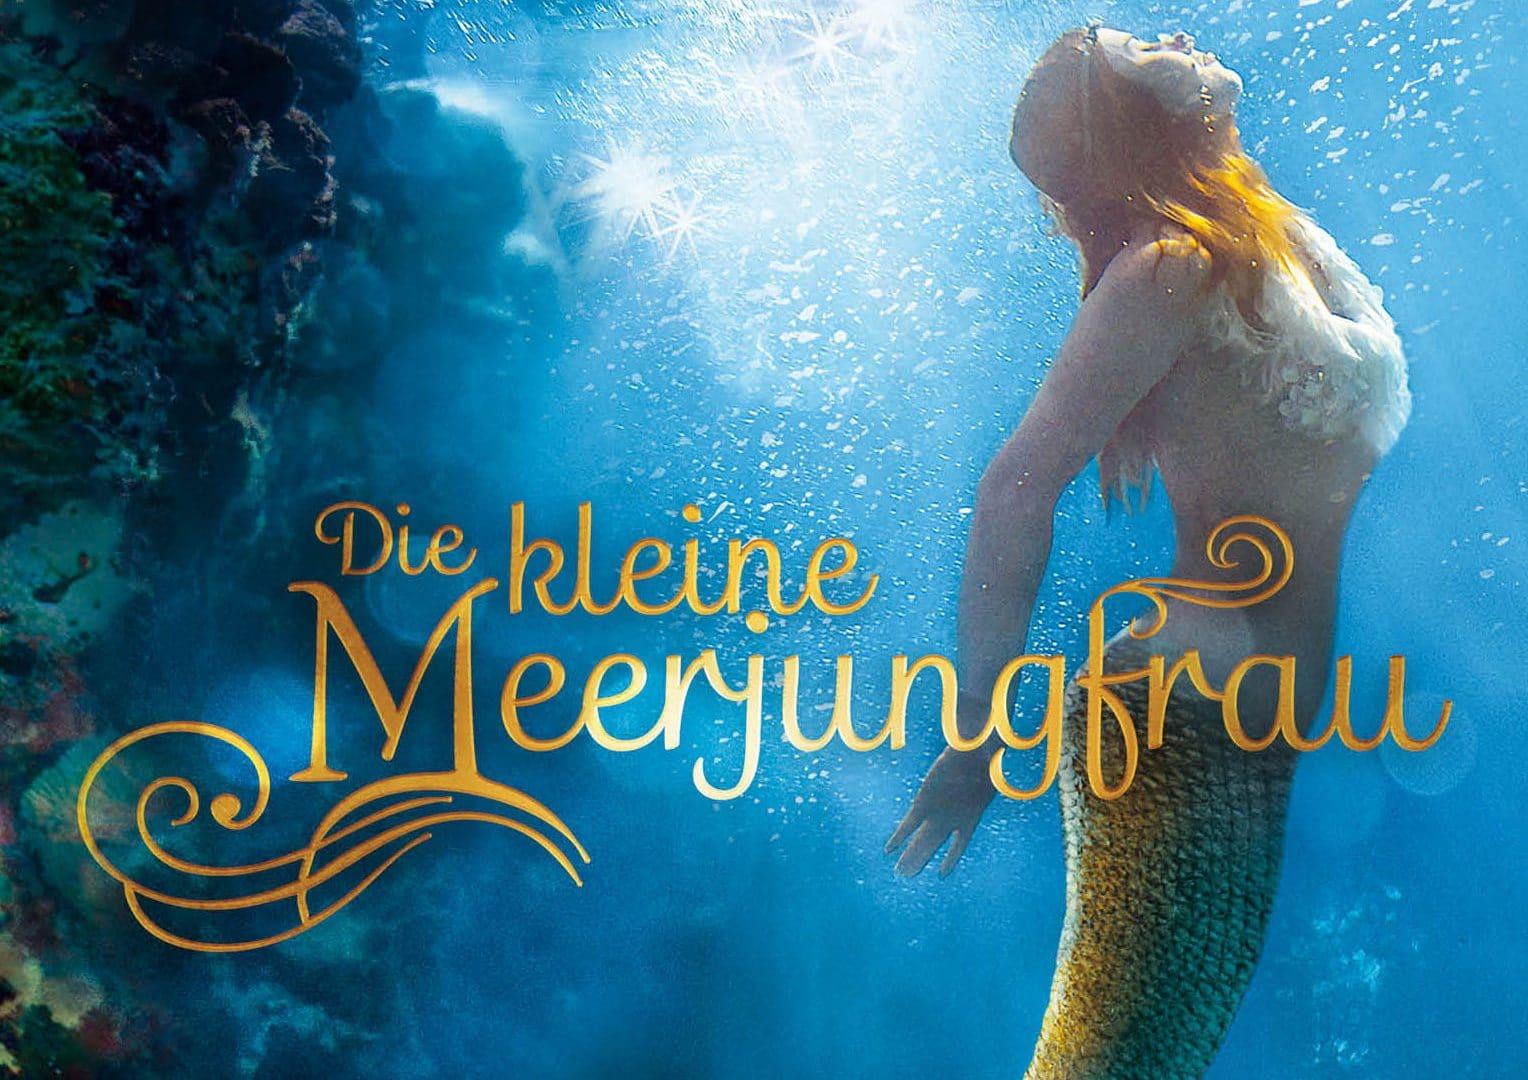 Die Kleine Meerjungfrau Film